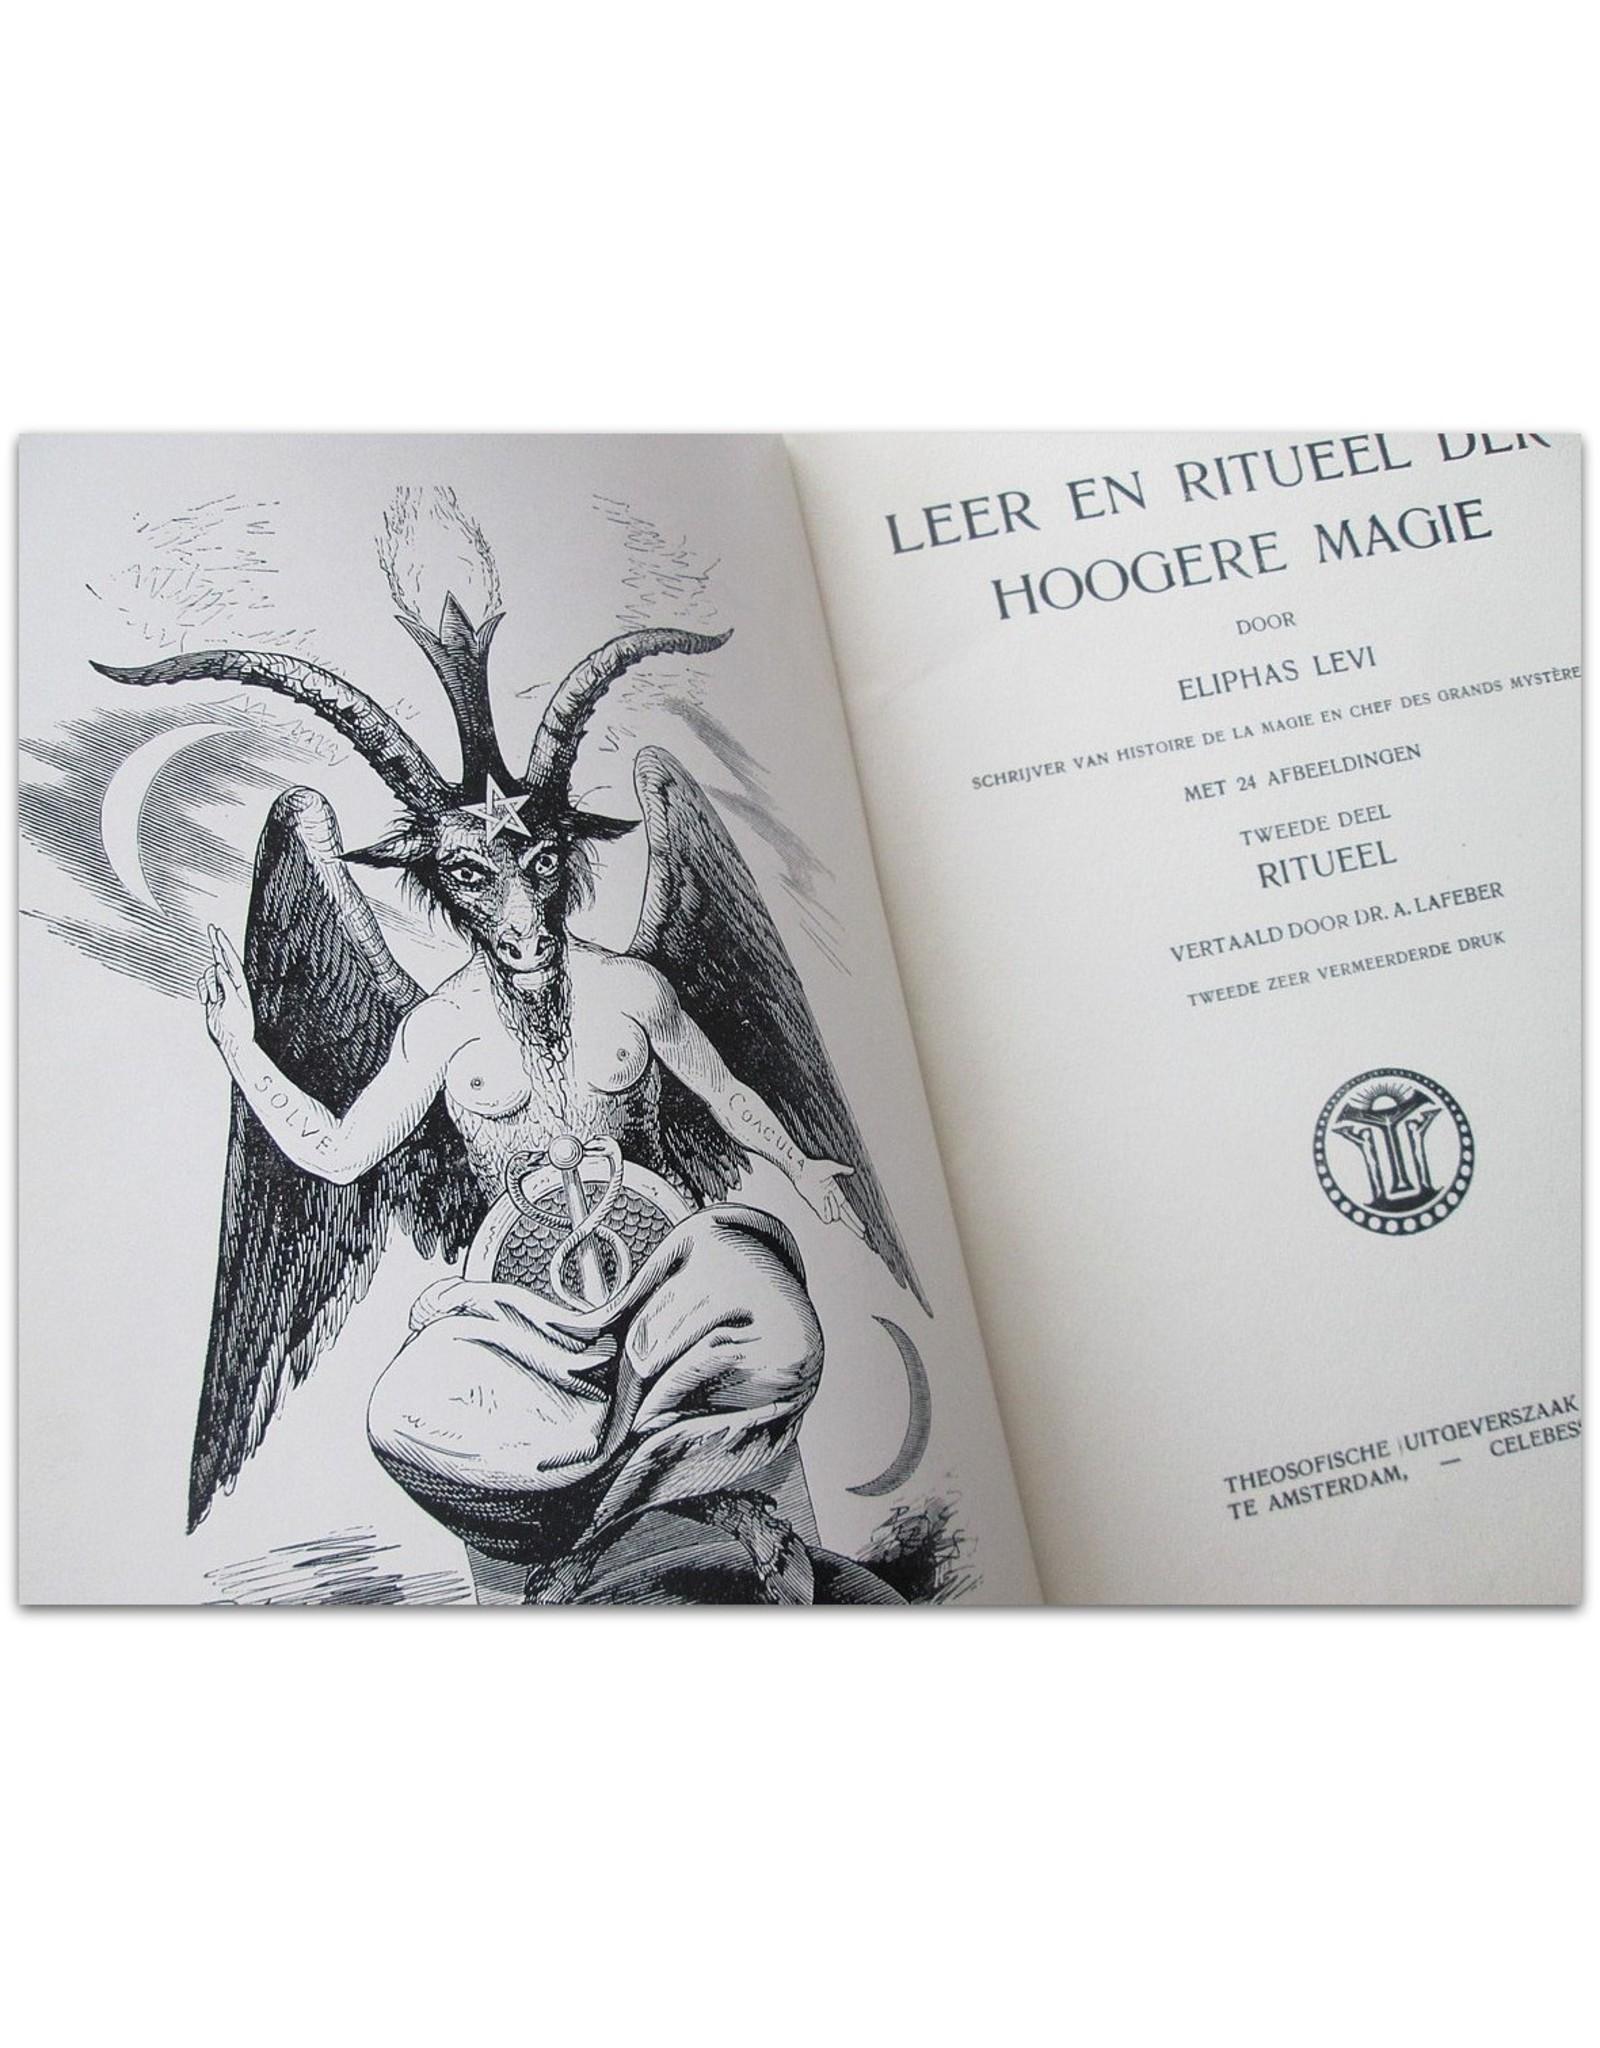 Eliphas Levi - Leer en Ritueel der Hoogere Magie. Tweede zeer vermeerderde druk